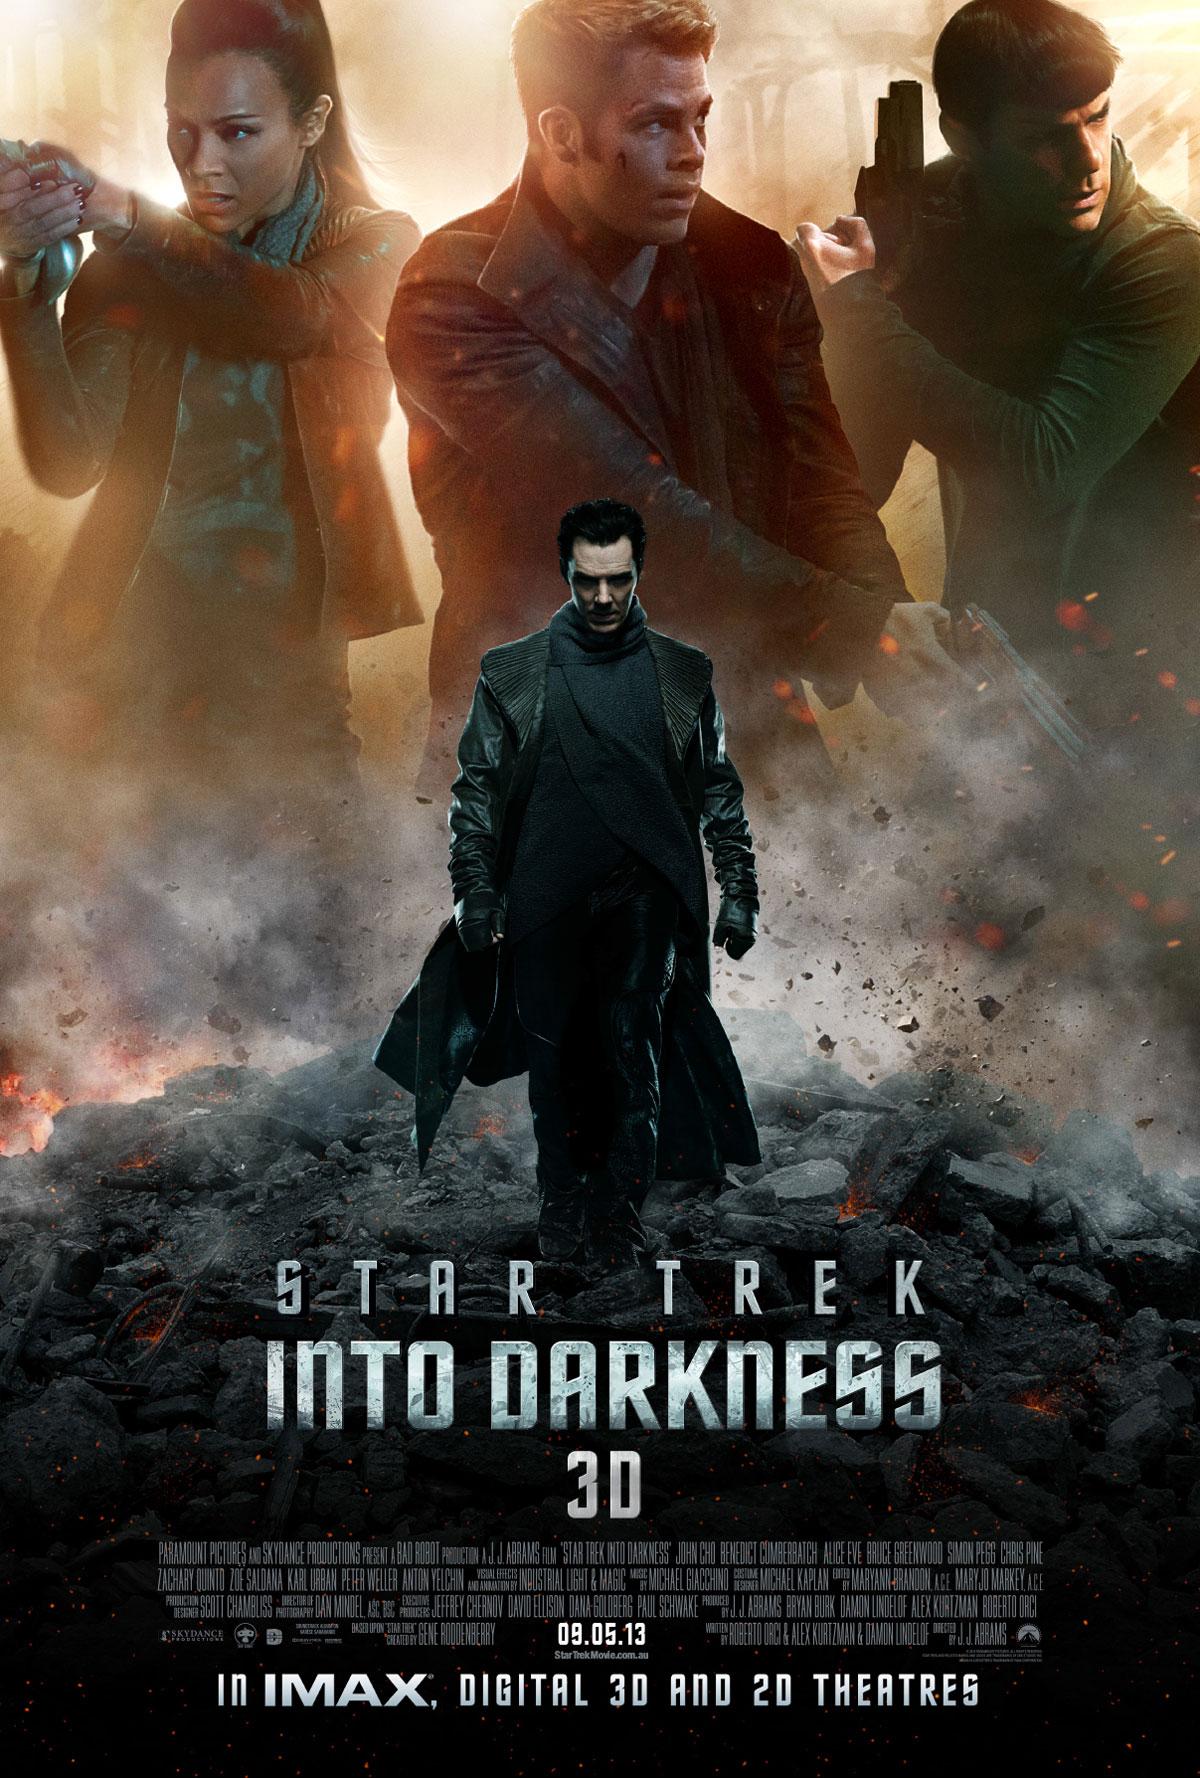 STAR-TREK-into-darkness-poster-affche-film